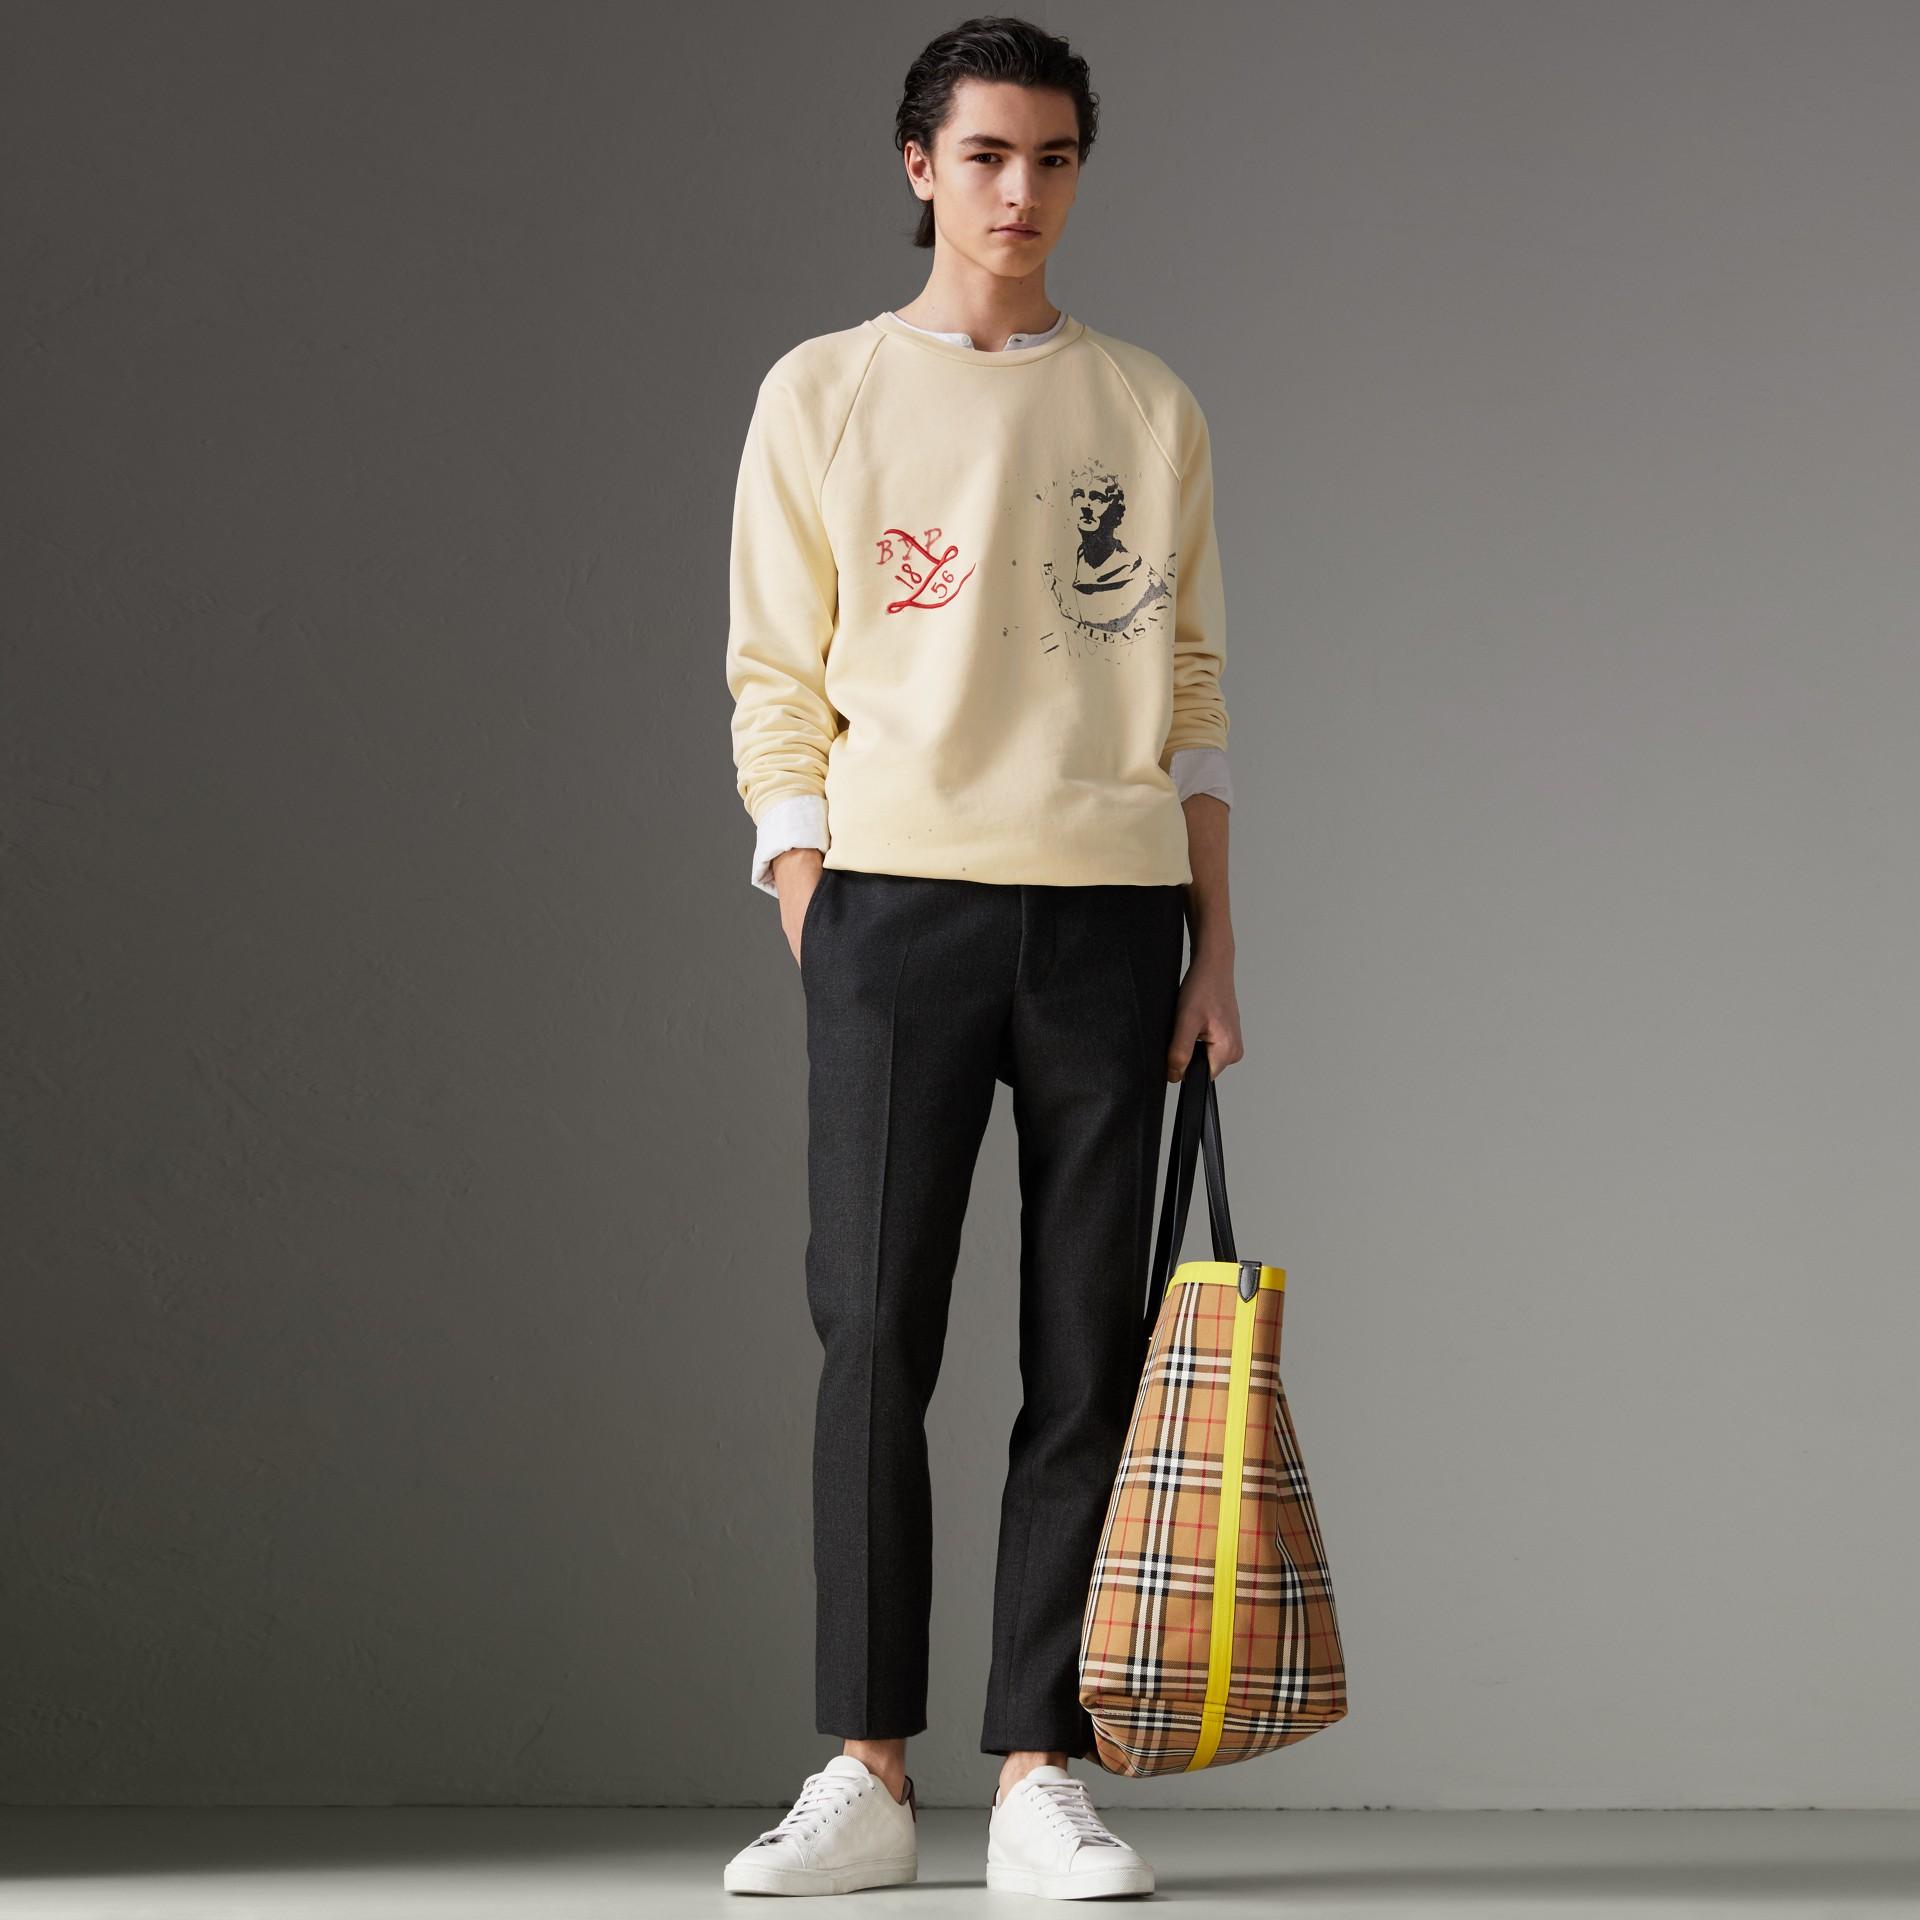 Sweat-shirt en coton avec portrait et logo imprimé (Jaune Pâle) - Homme | Burberry - photo de la galerie 0